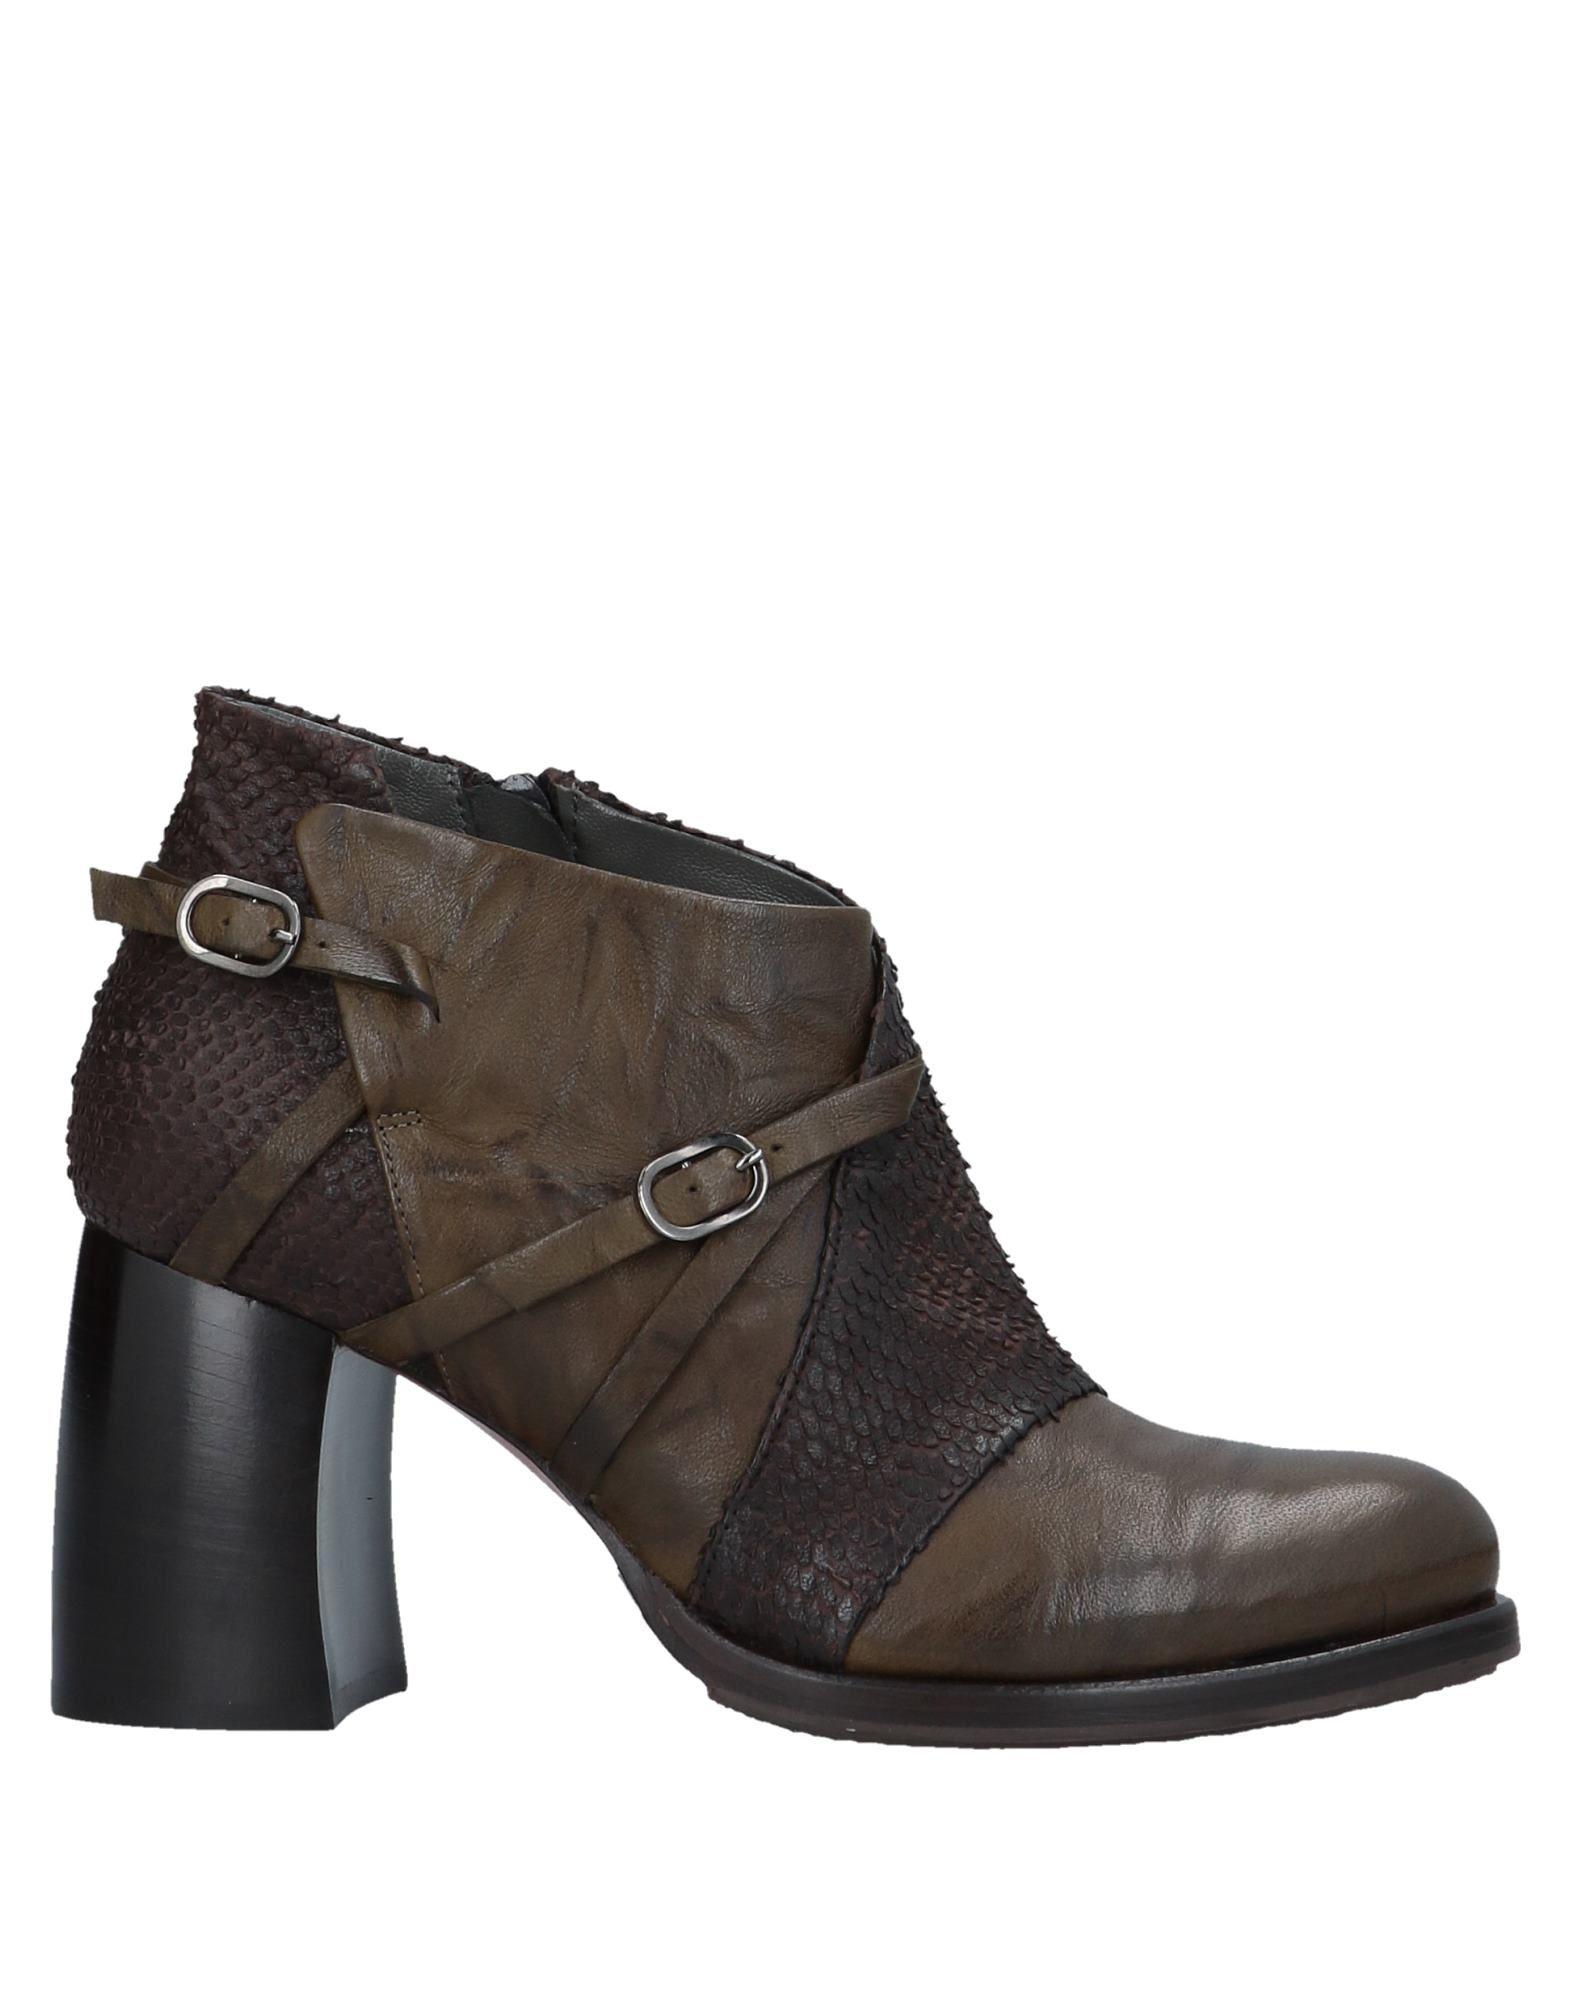 Moda Stivaletti Ixos Donna - 11536573WW